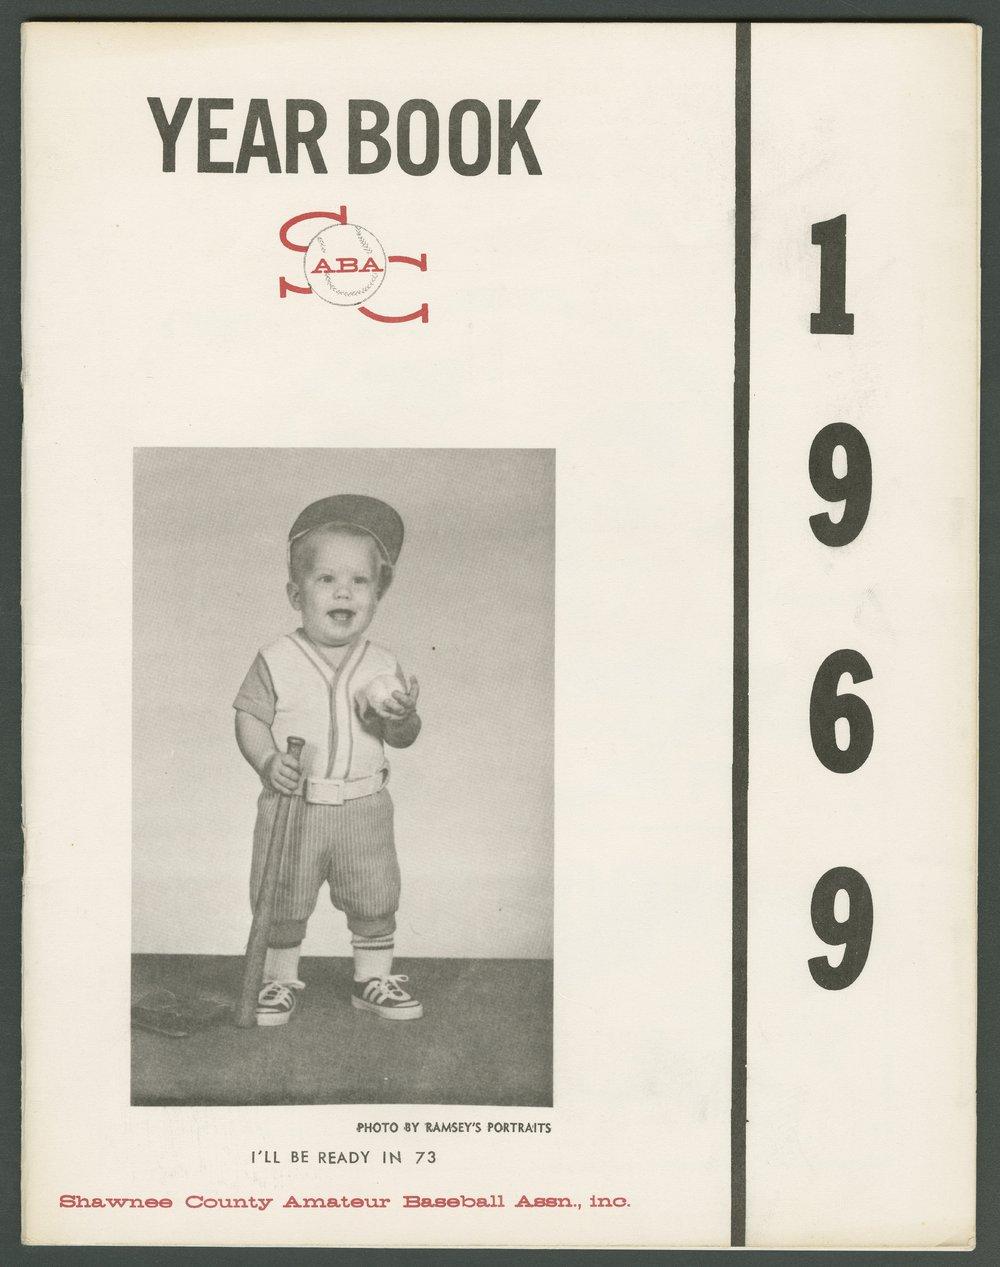 1969 SCABA baseball yearbook, Topeka, Kansas - 1